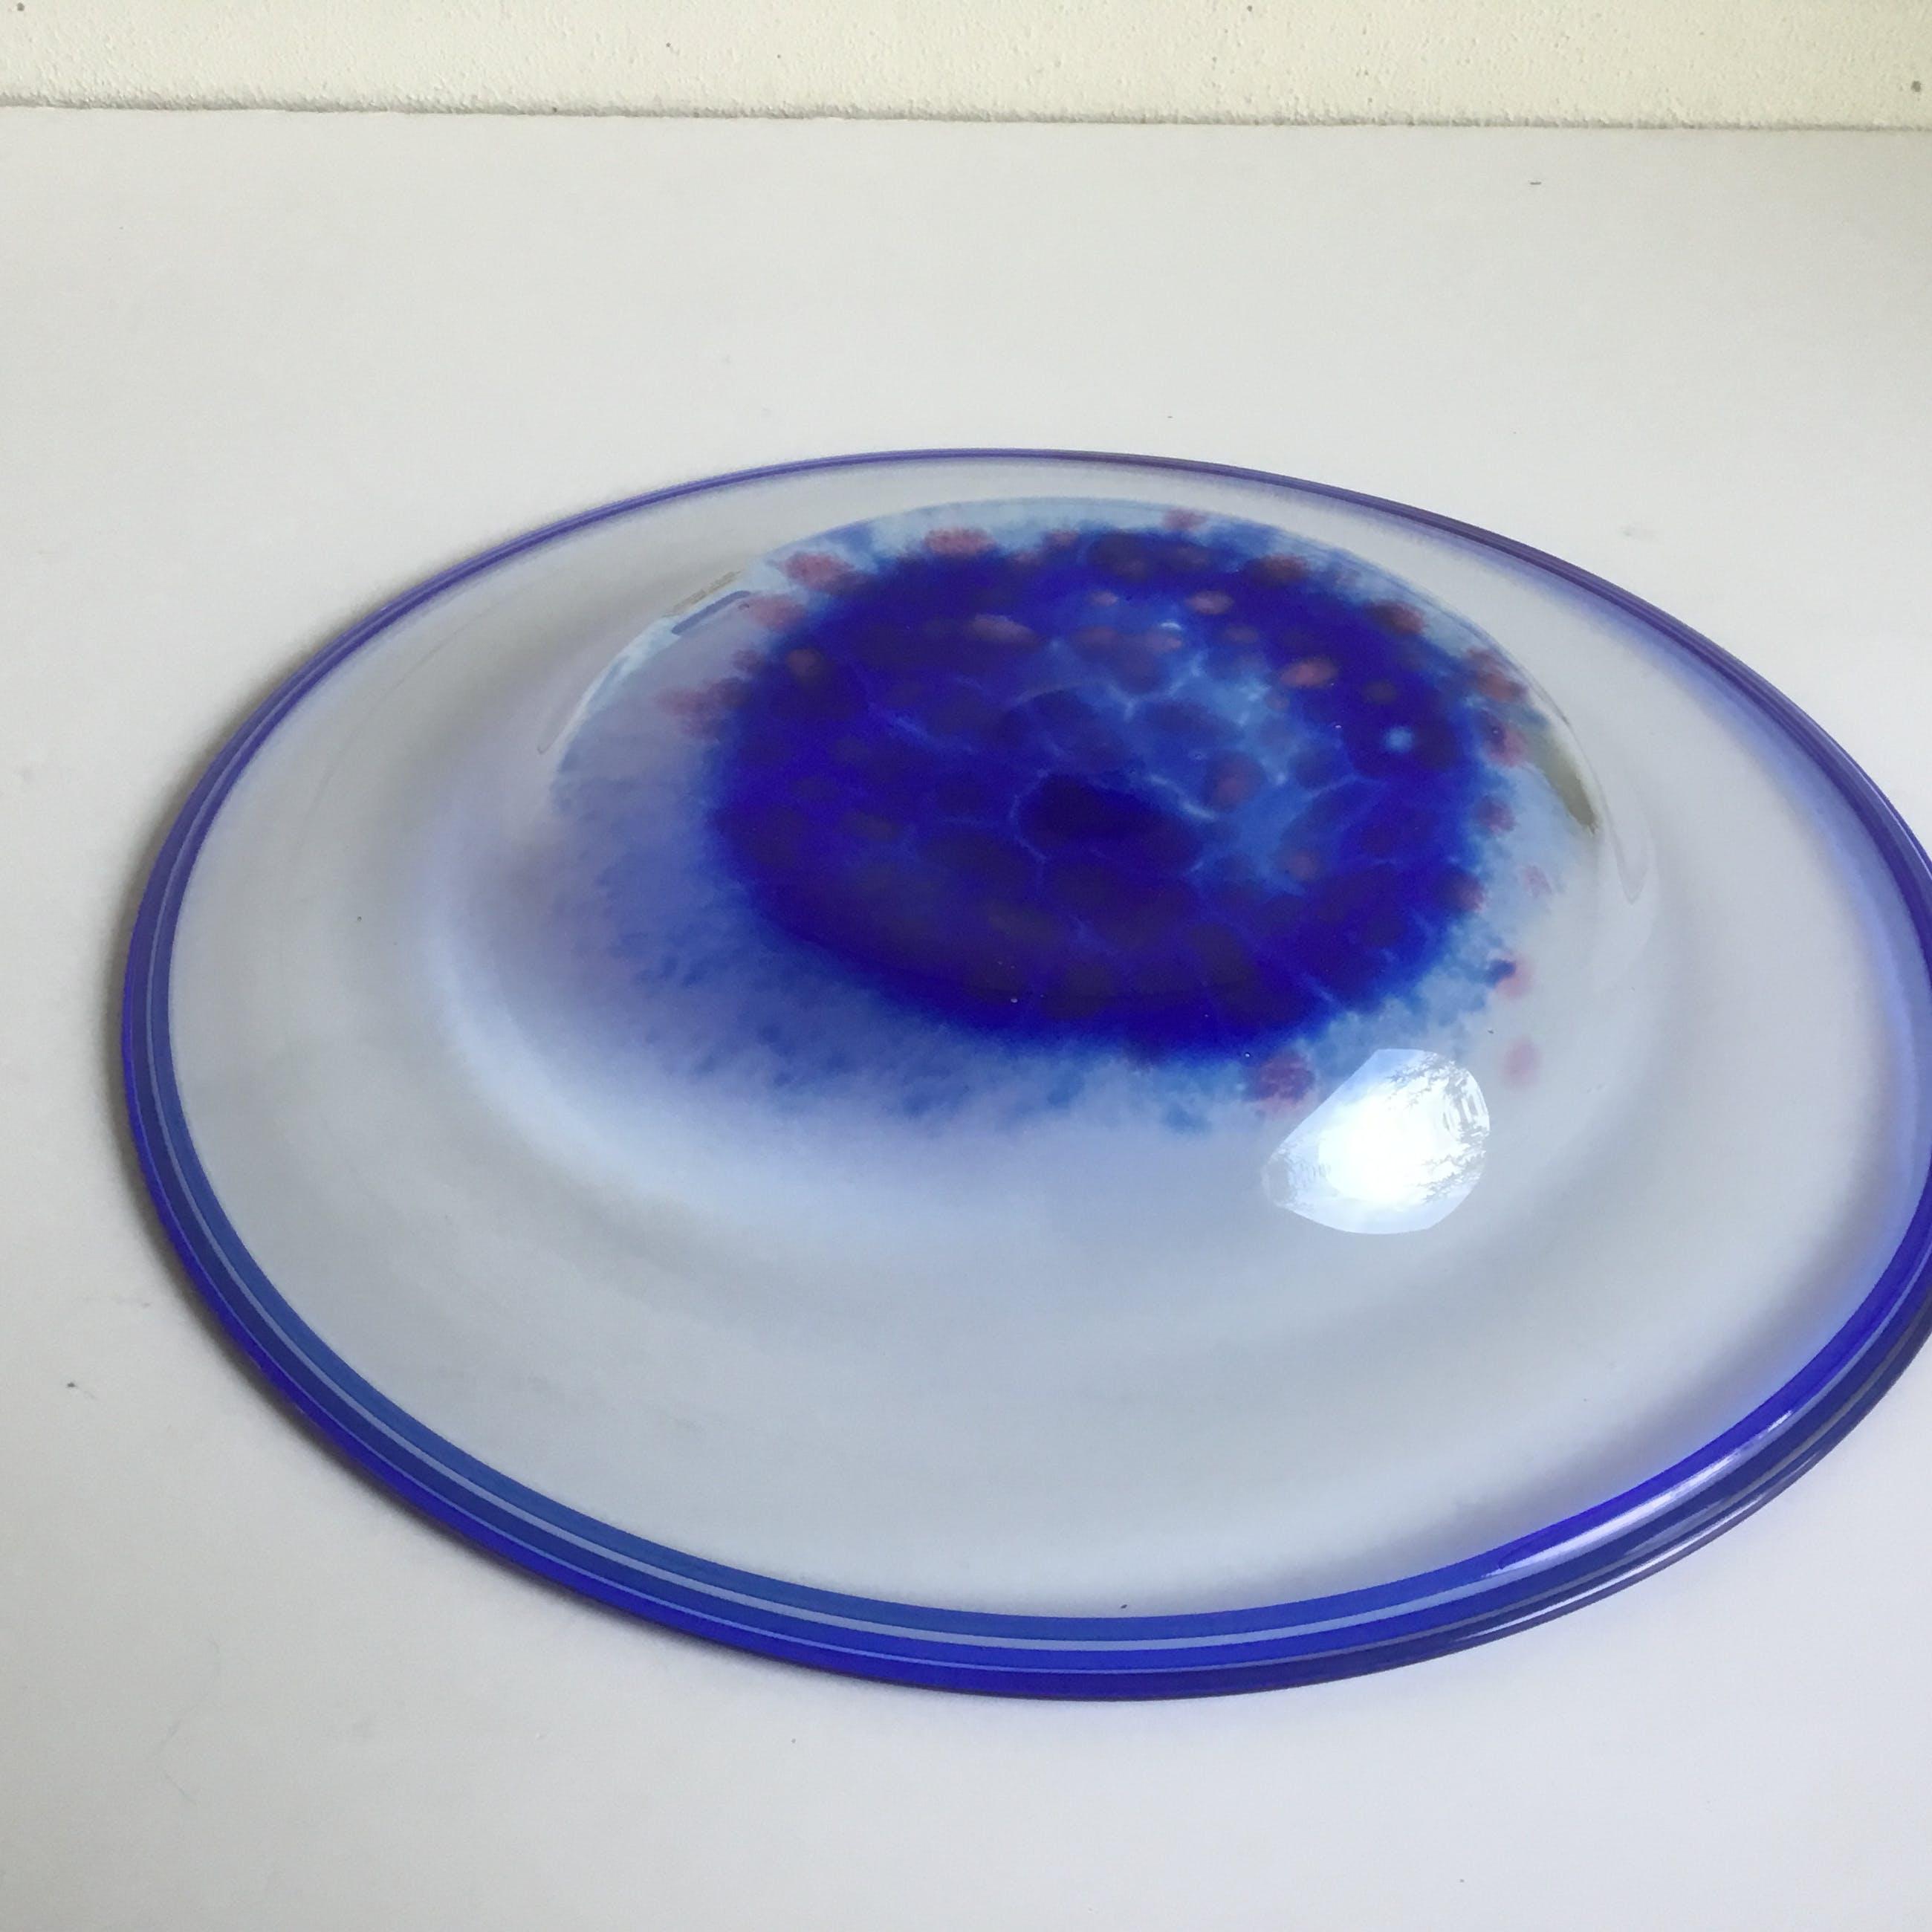 Niet of onleesbaar gesigneerd - Kristallen schaal Gränna Glas kopen? Bied vanaf 10!